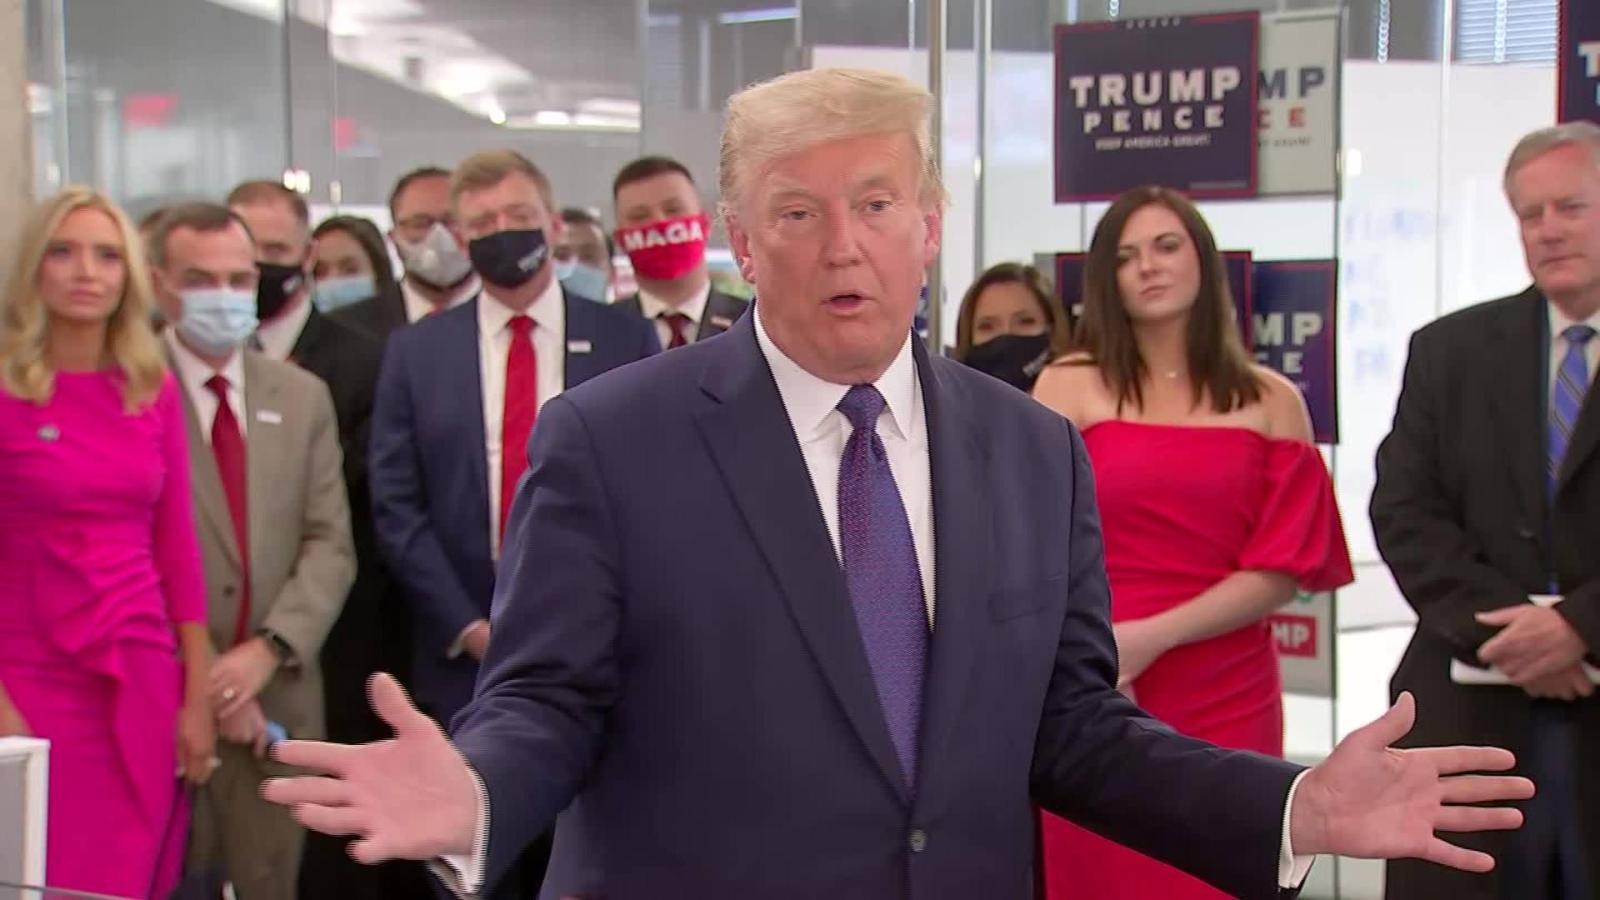 Donald Trump: Perder no es fácil para mí